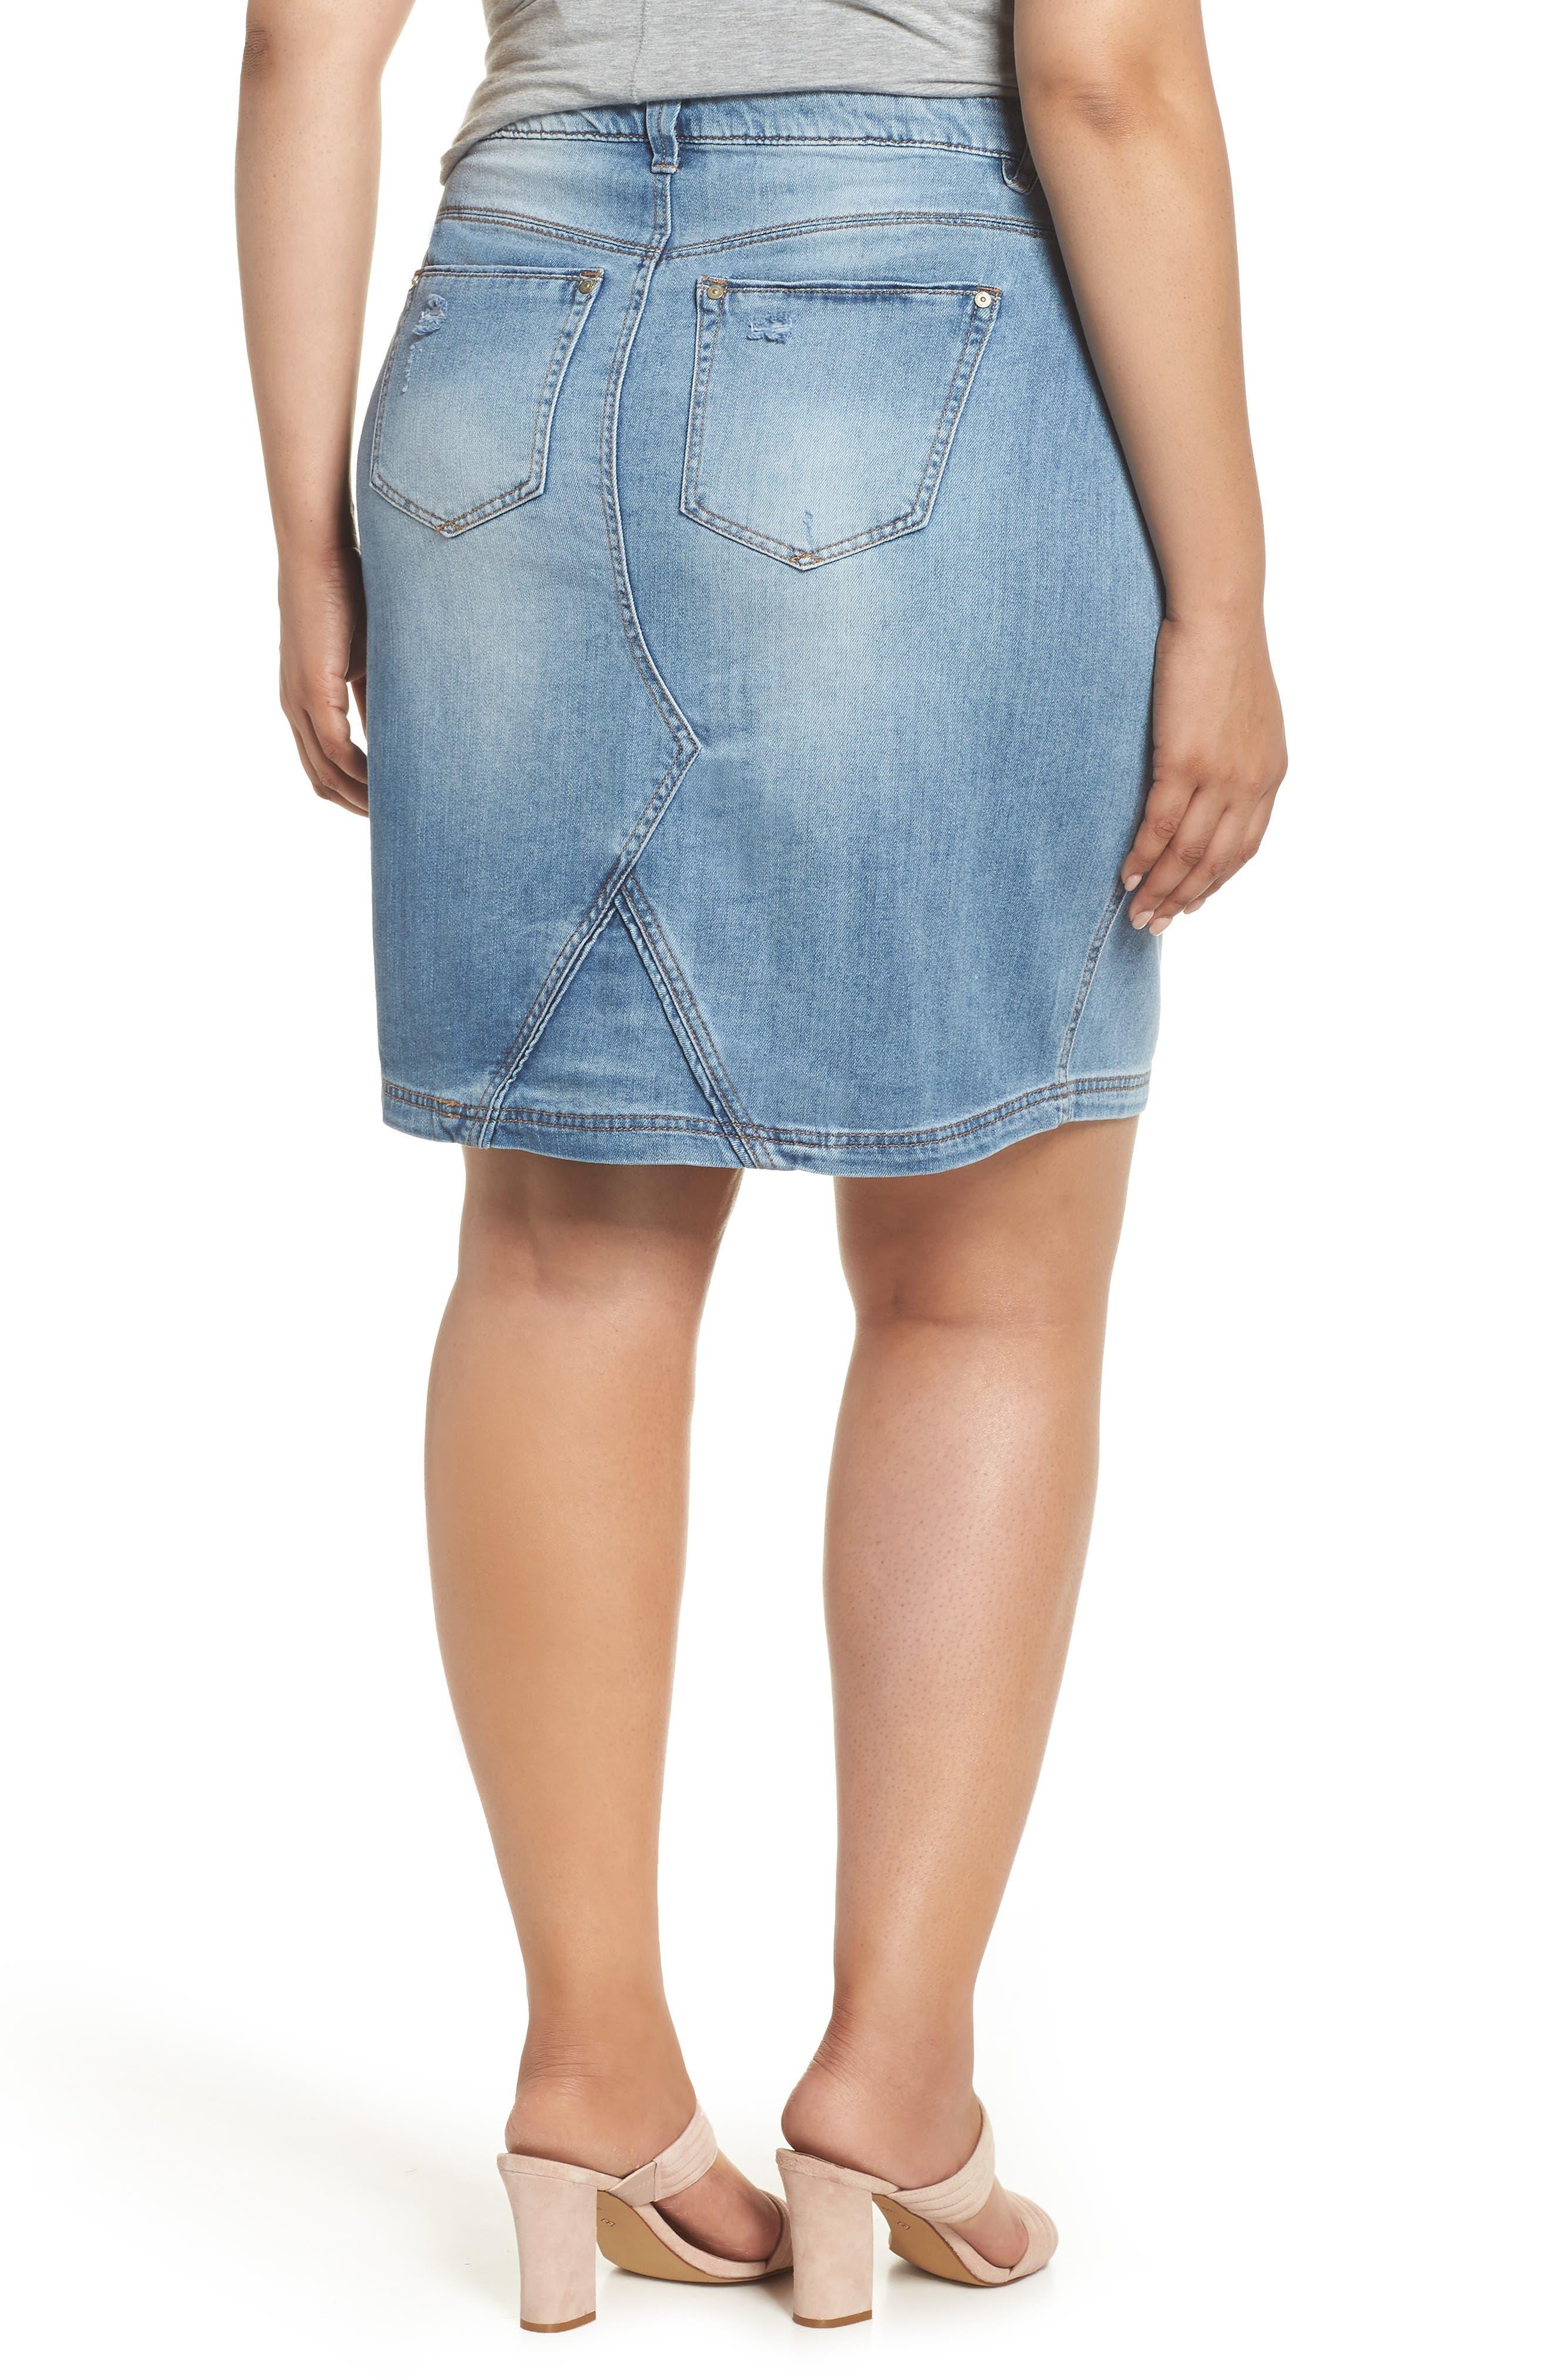 46d0694597845 Women's Denim Skirts | Nordstrom